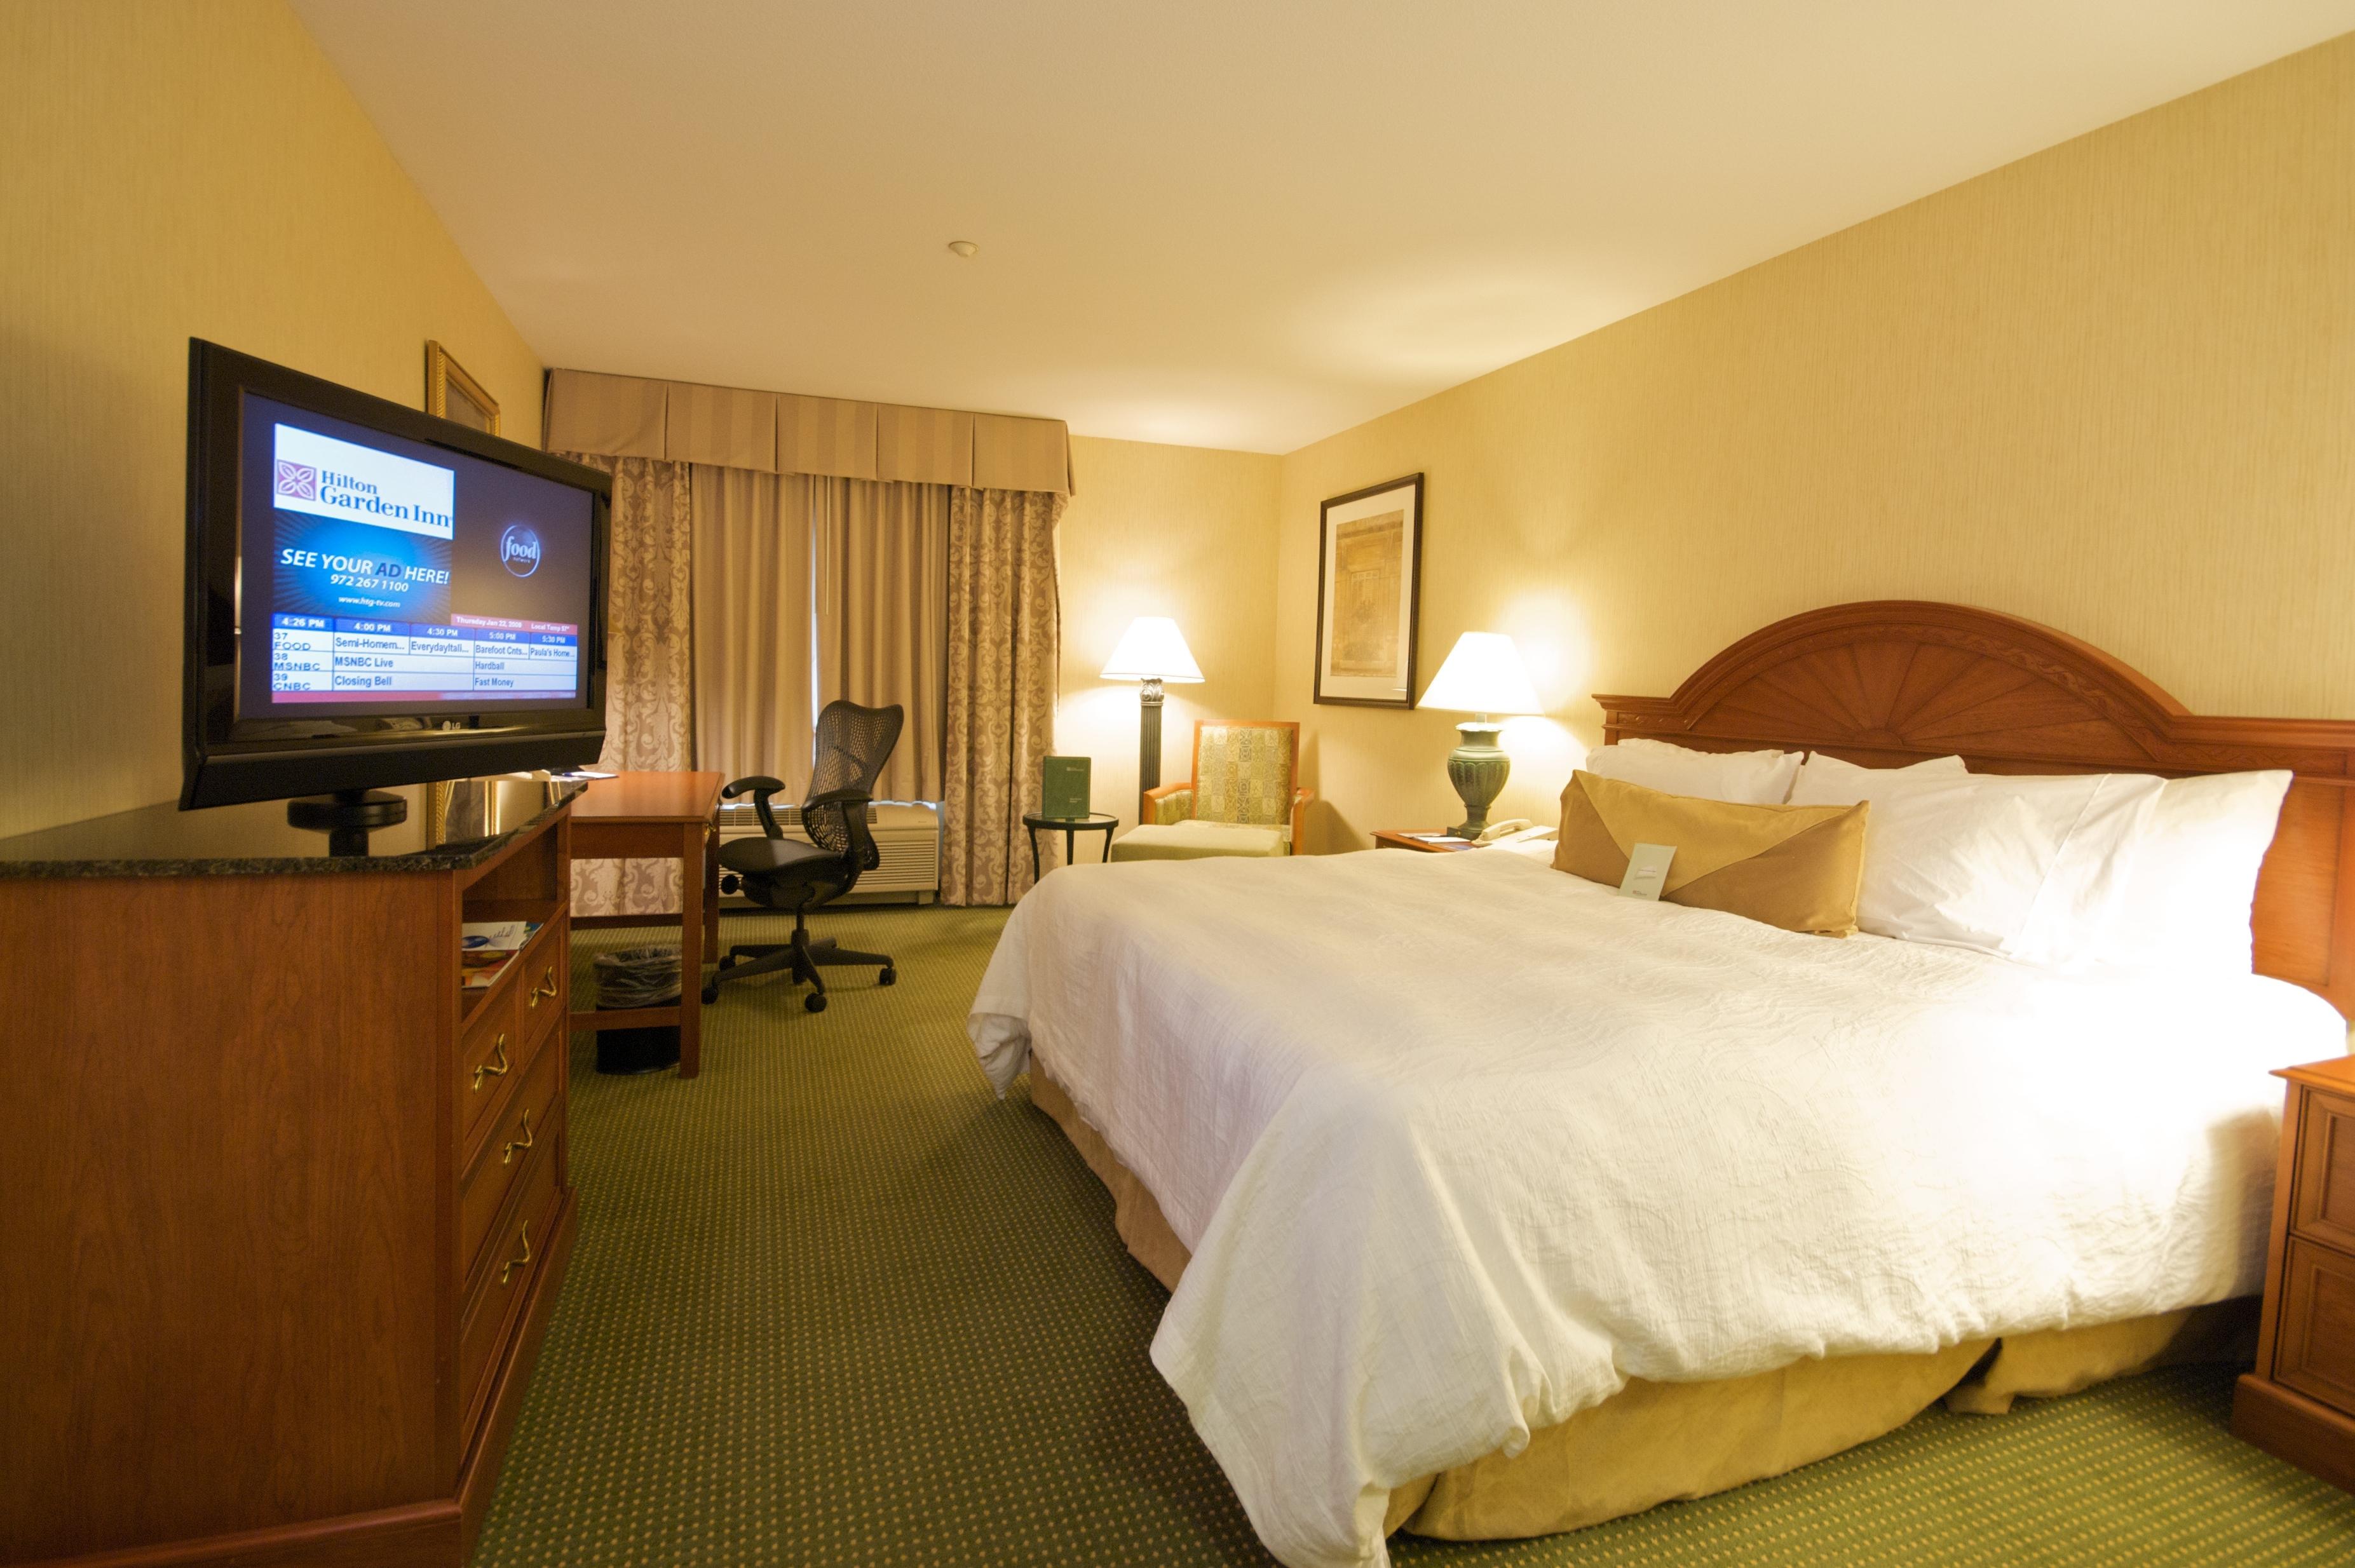 Hilton Garden Inn San Jose Milpitas Milpitas Ca Business Directory